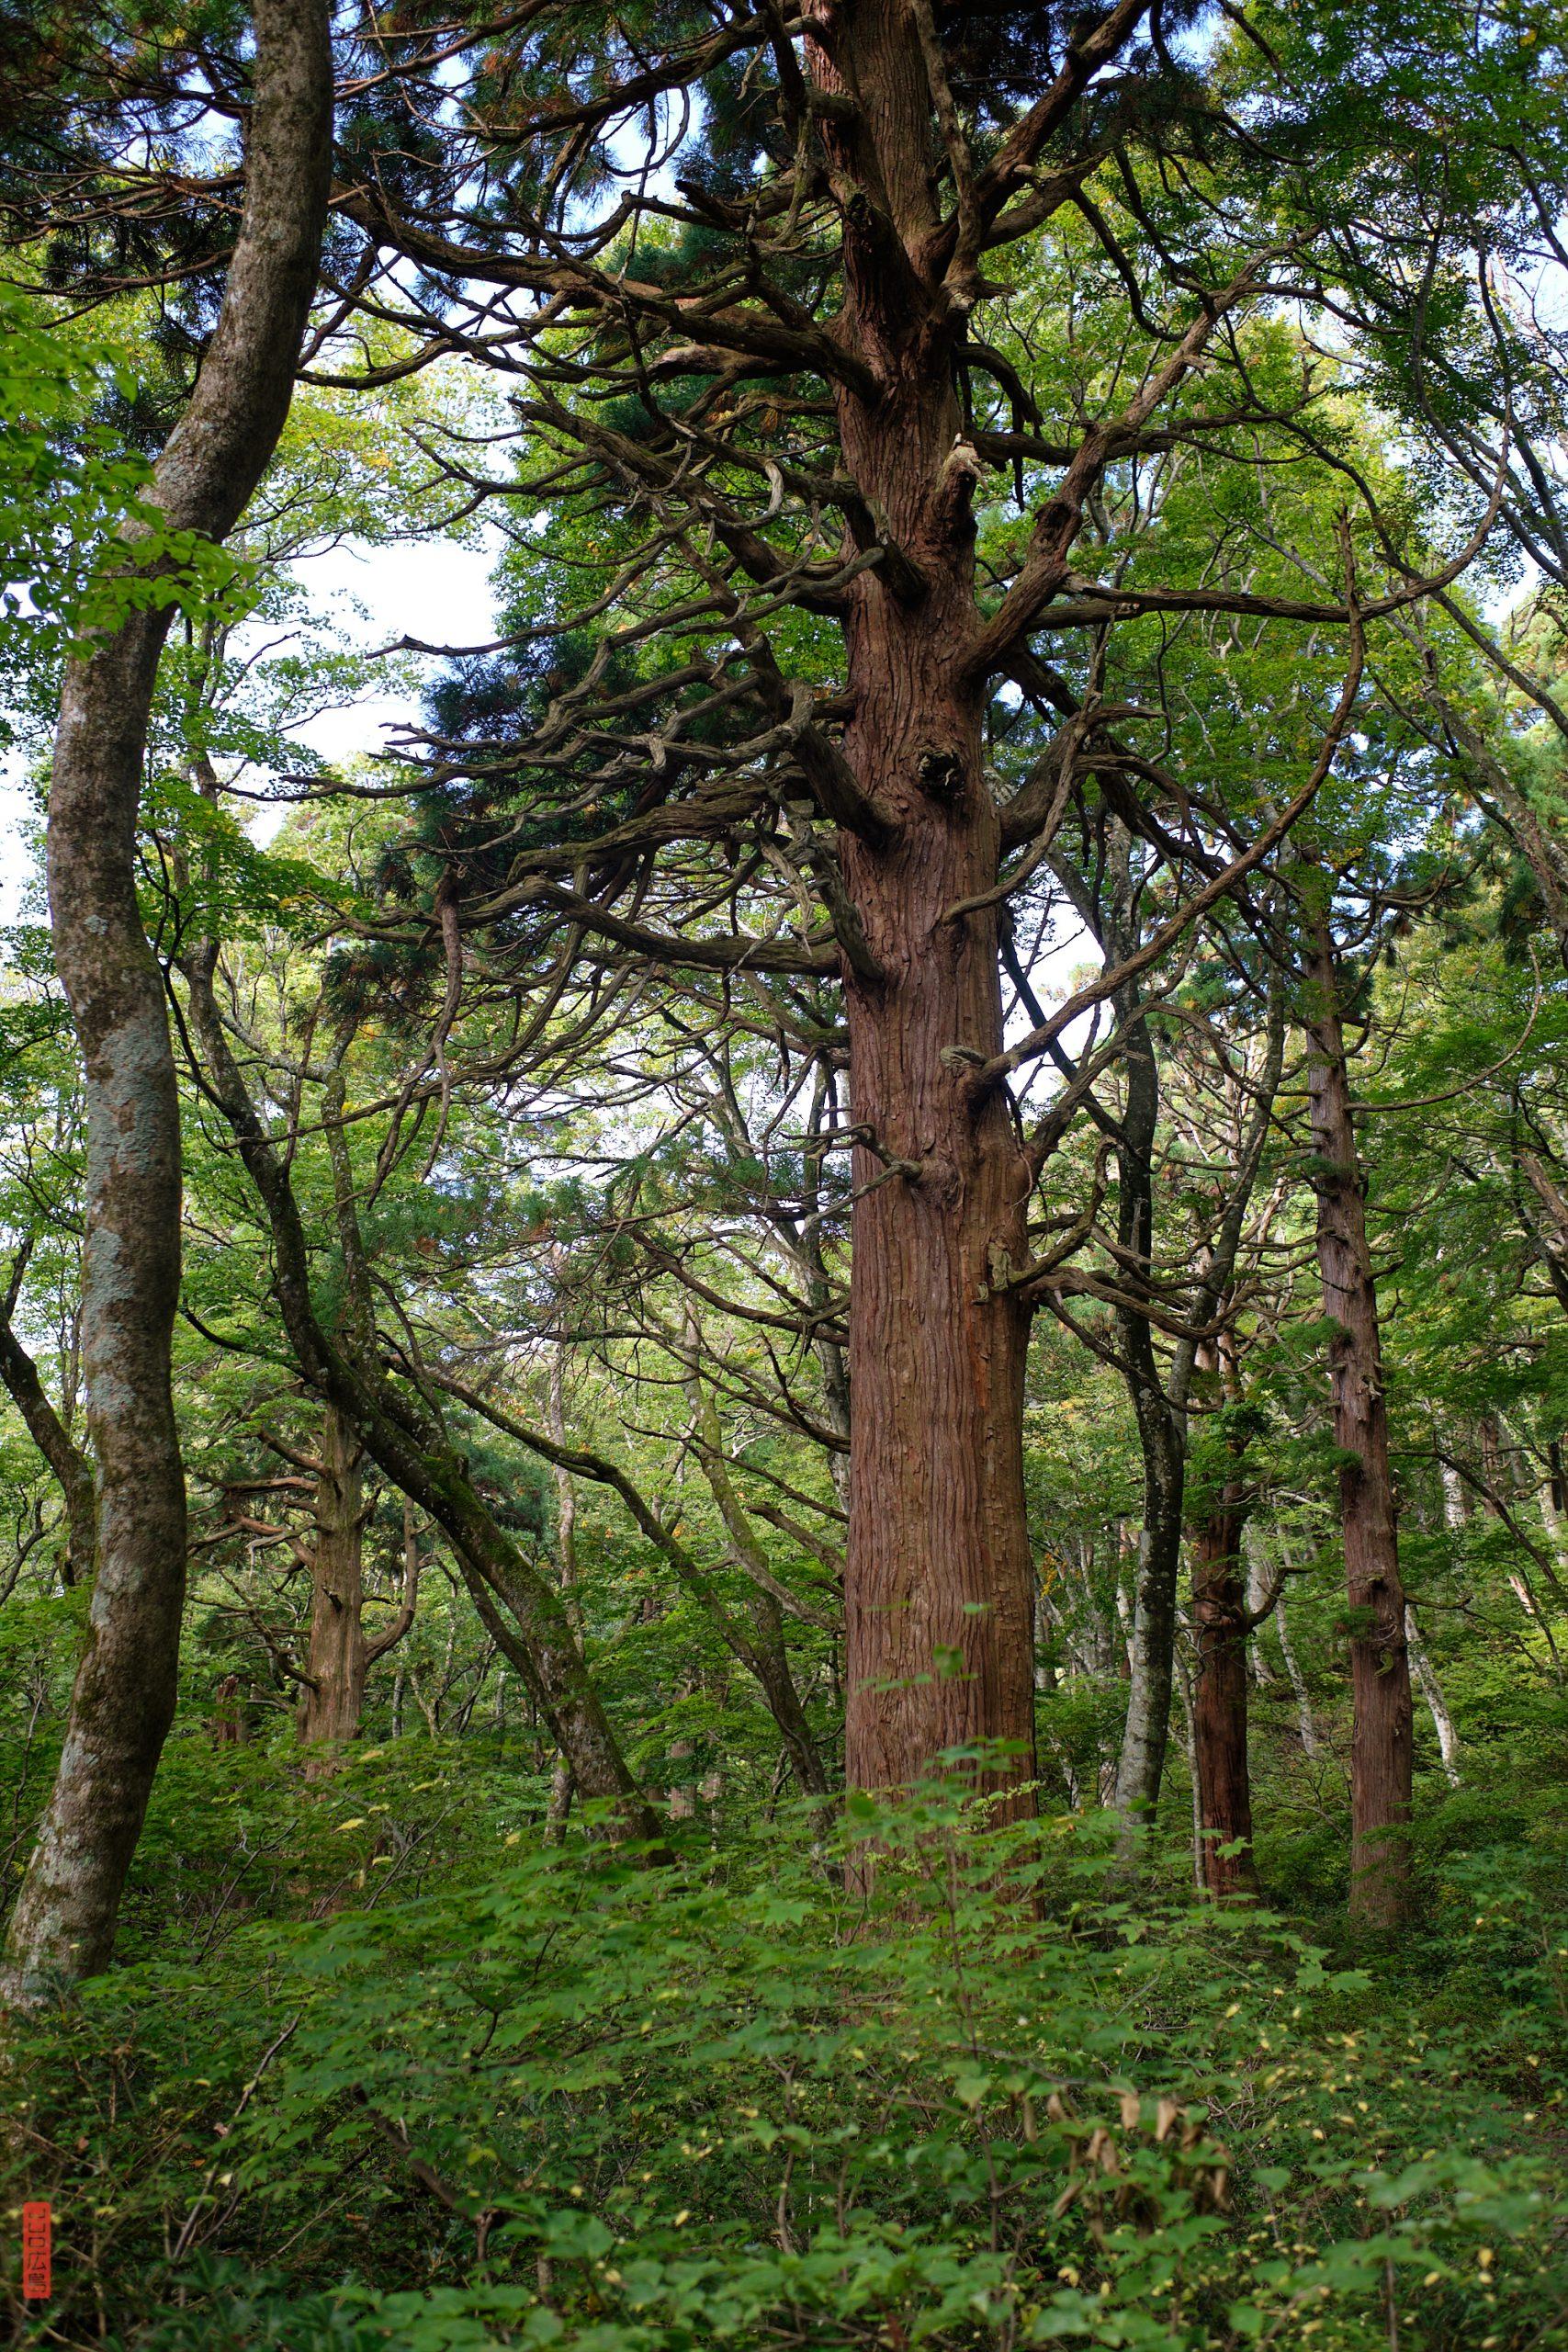 descente du mont Daisen, gros tronc